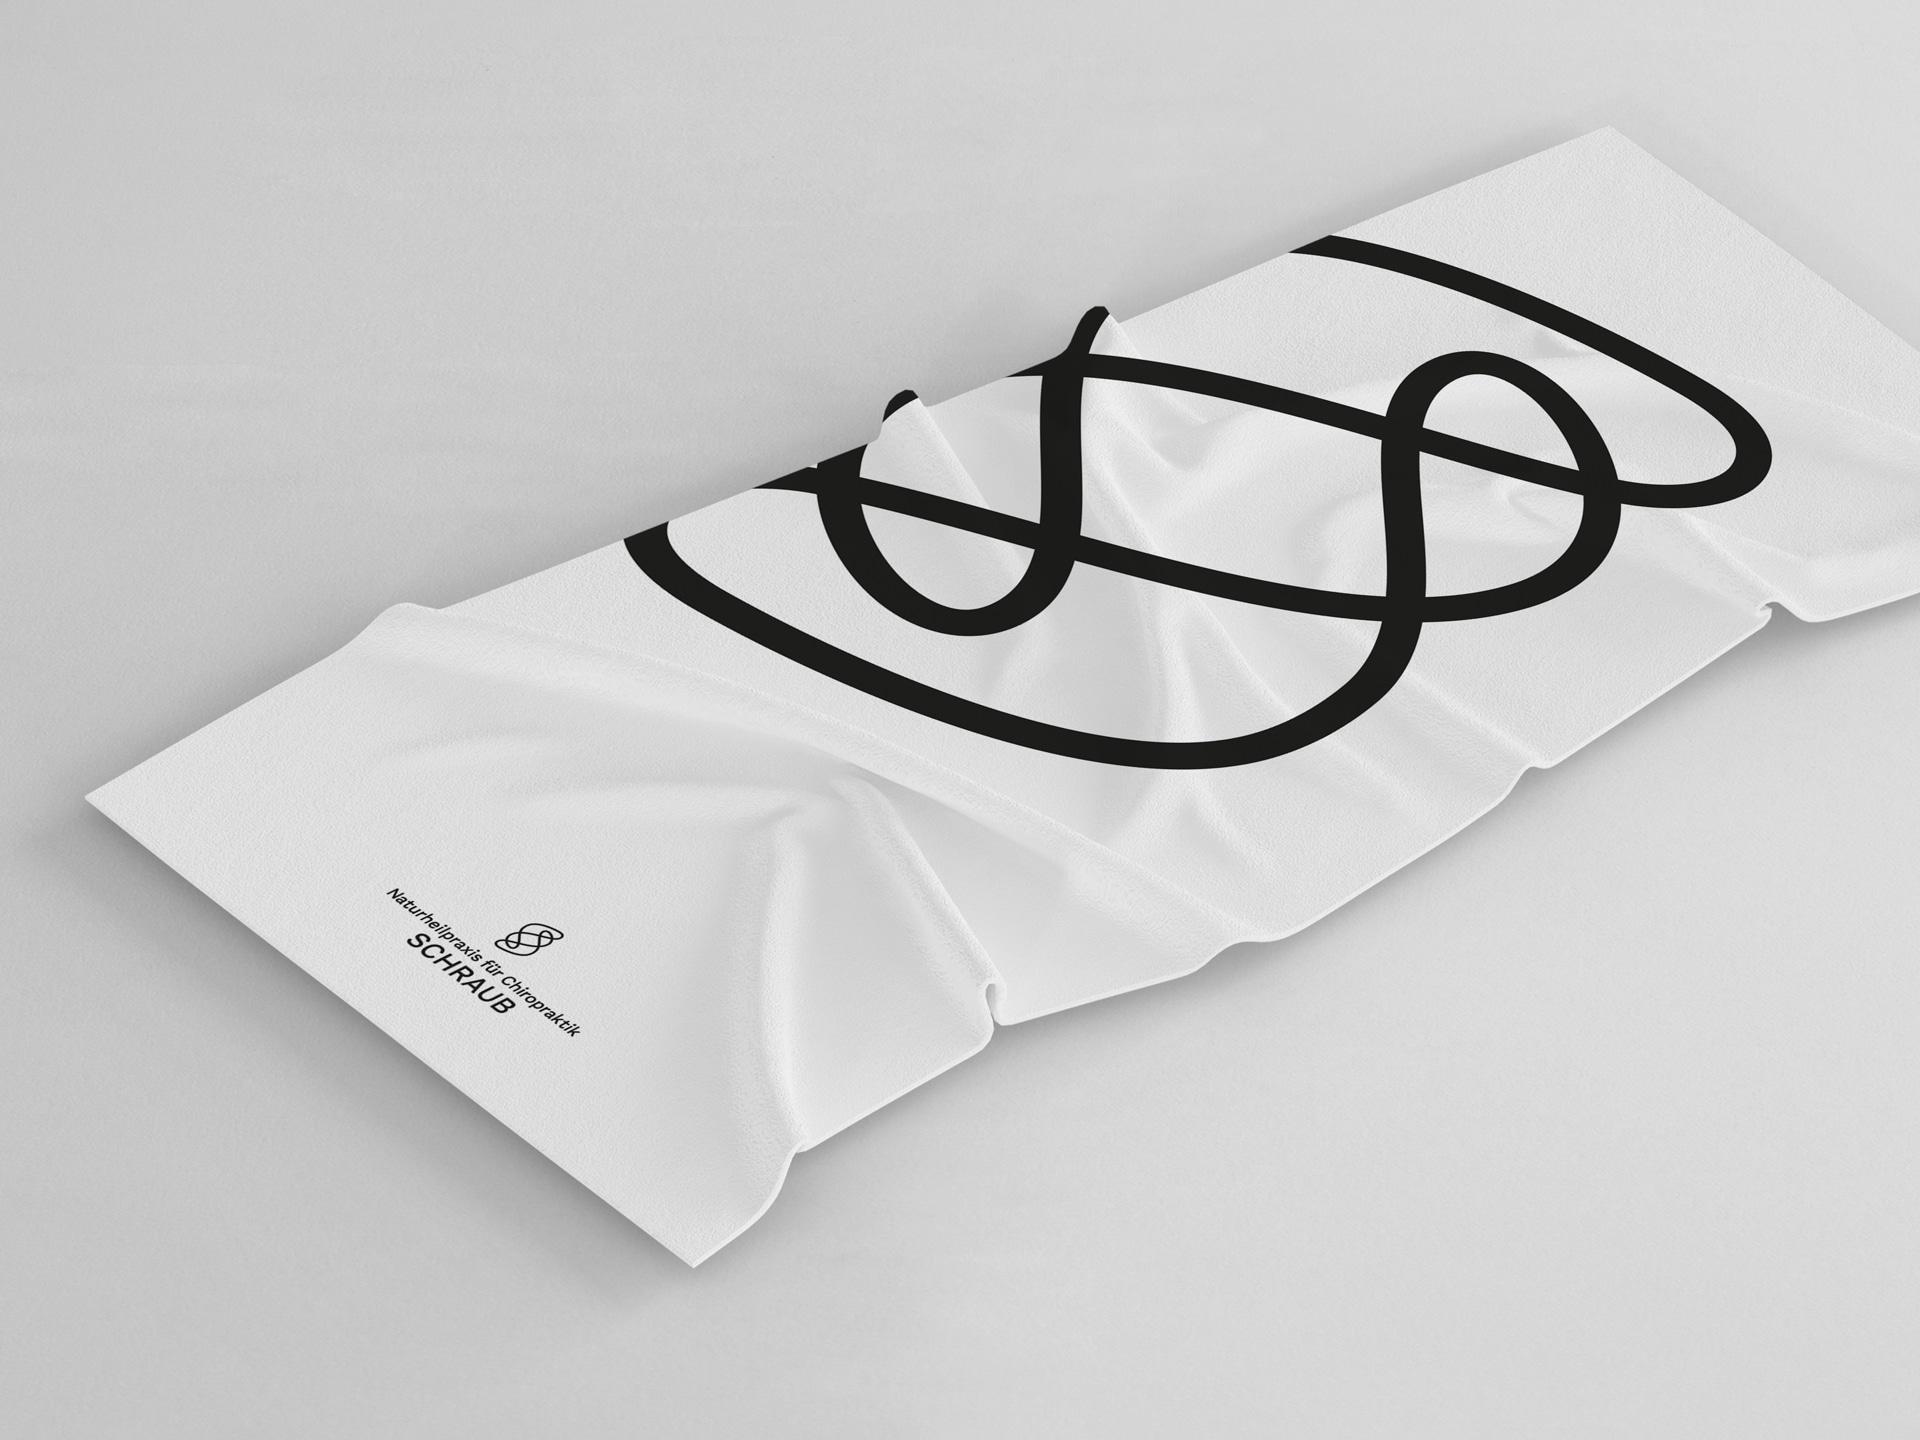 Handtuch Merchandise Design Naturheilpraxis für Chiropraktik Schraub